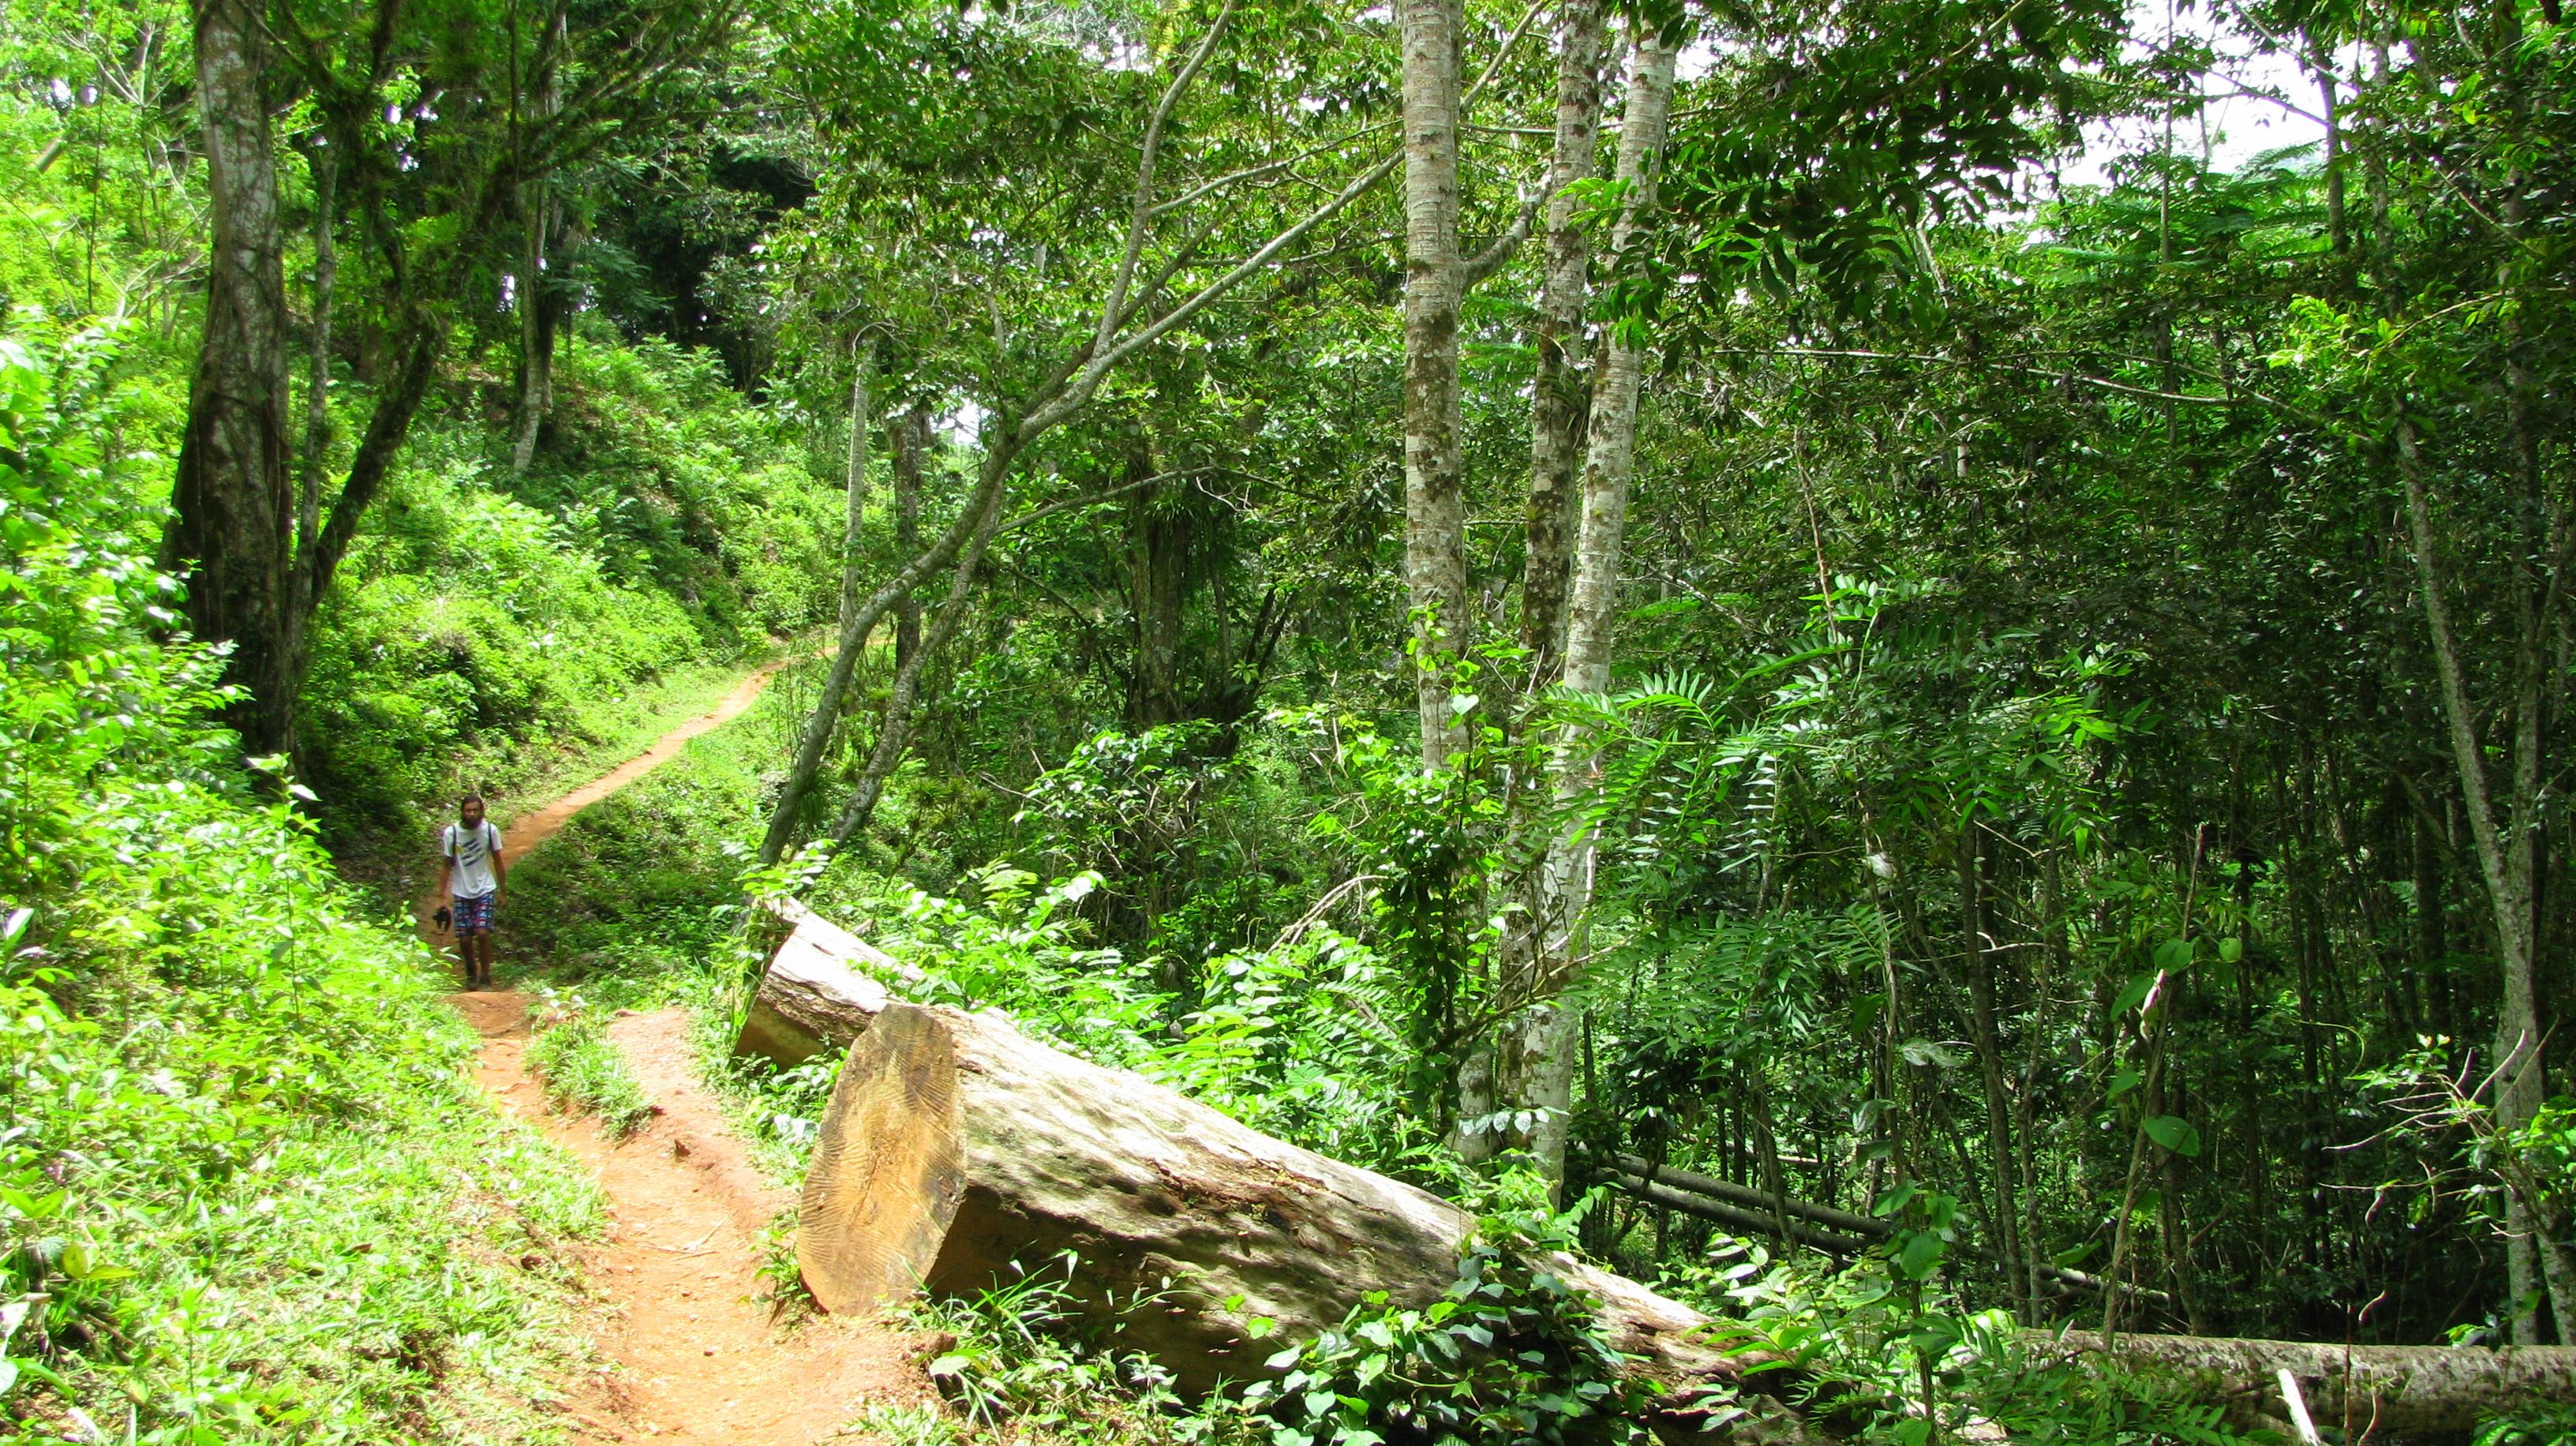 El sendero Salto del Caburní en Tope de Collantes, Trinidad, Cuba. Un lugar de espesa vegetación, lleno de maravillas de fauna y flora.